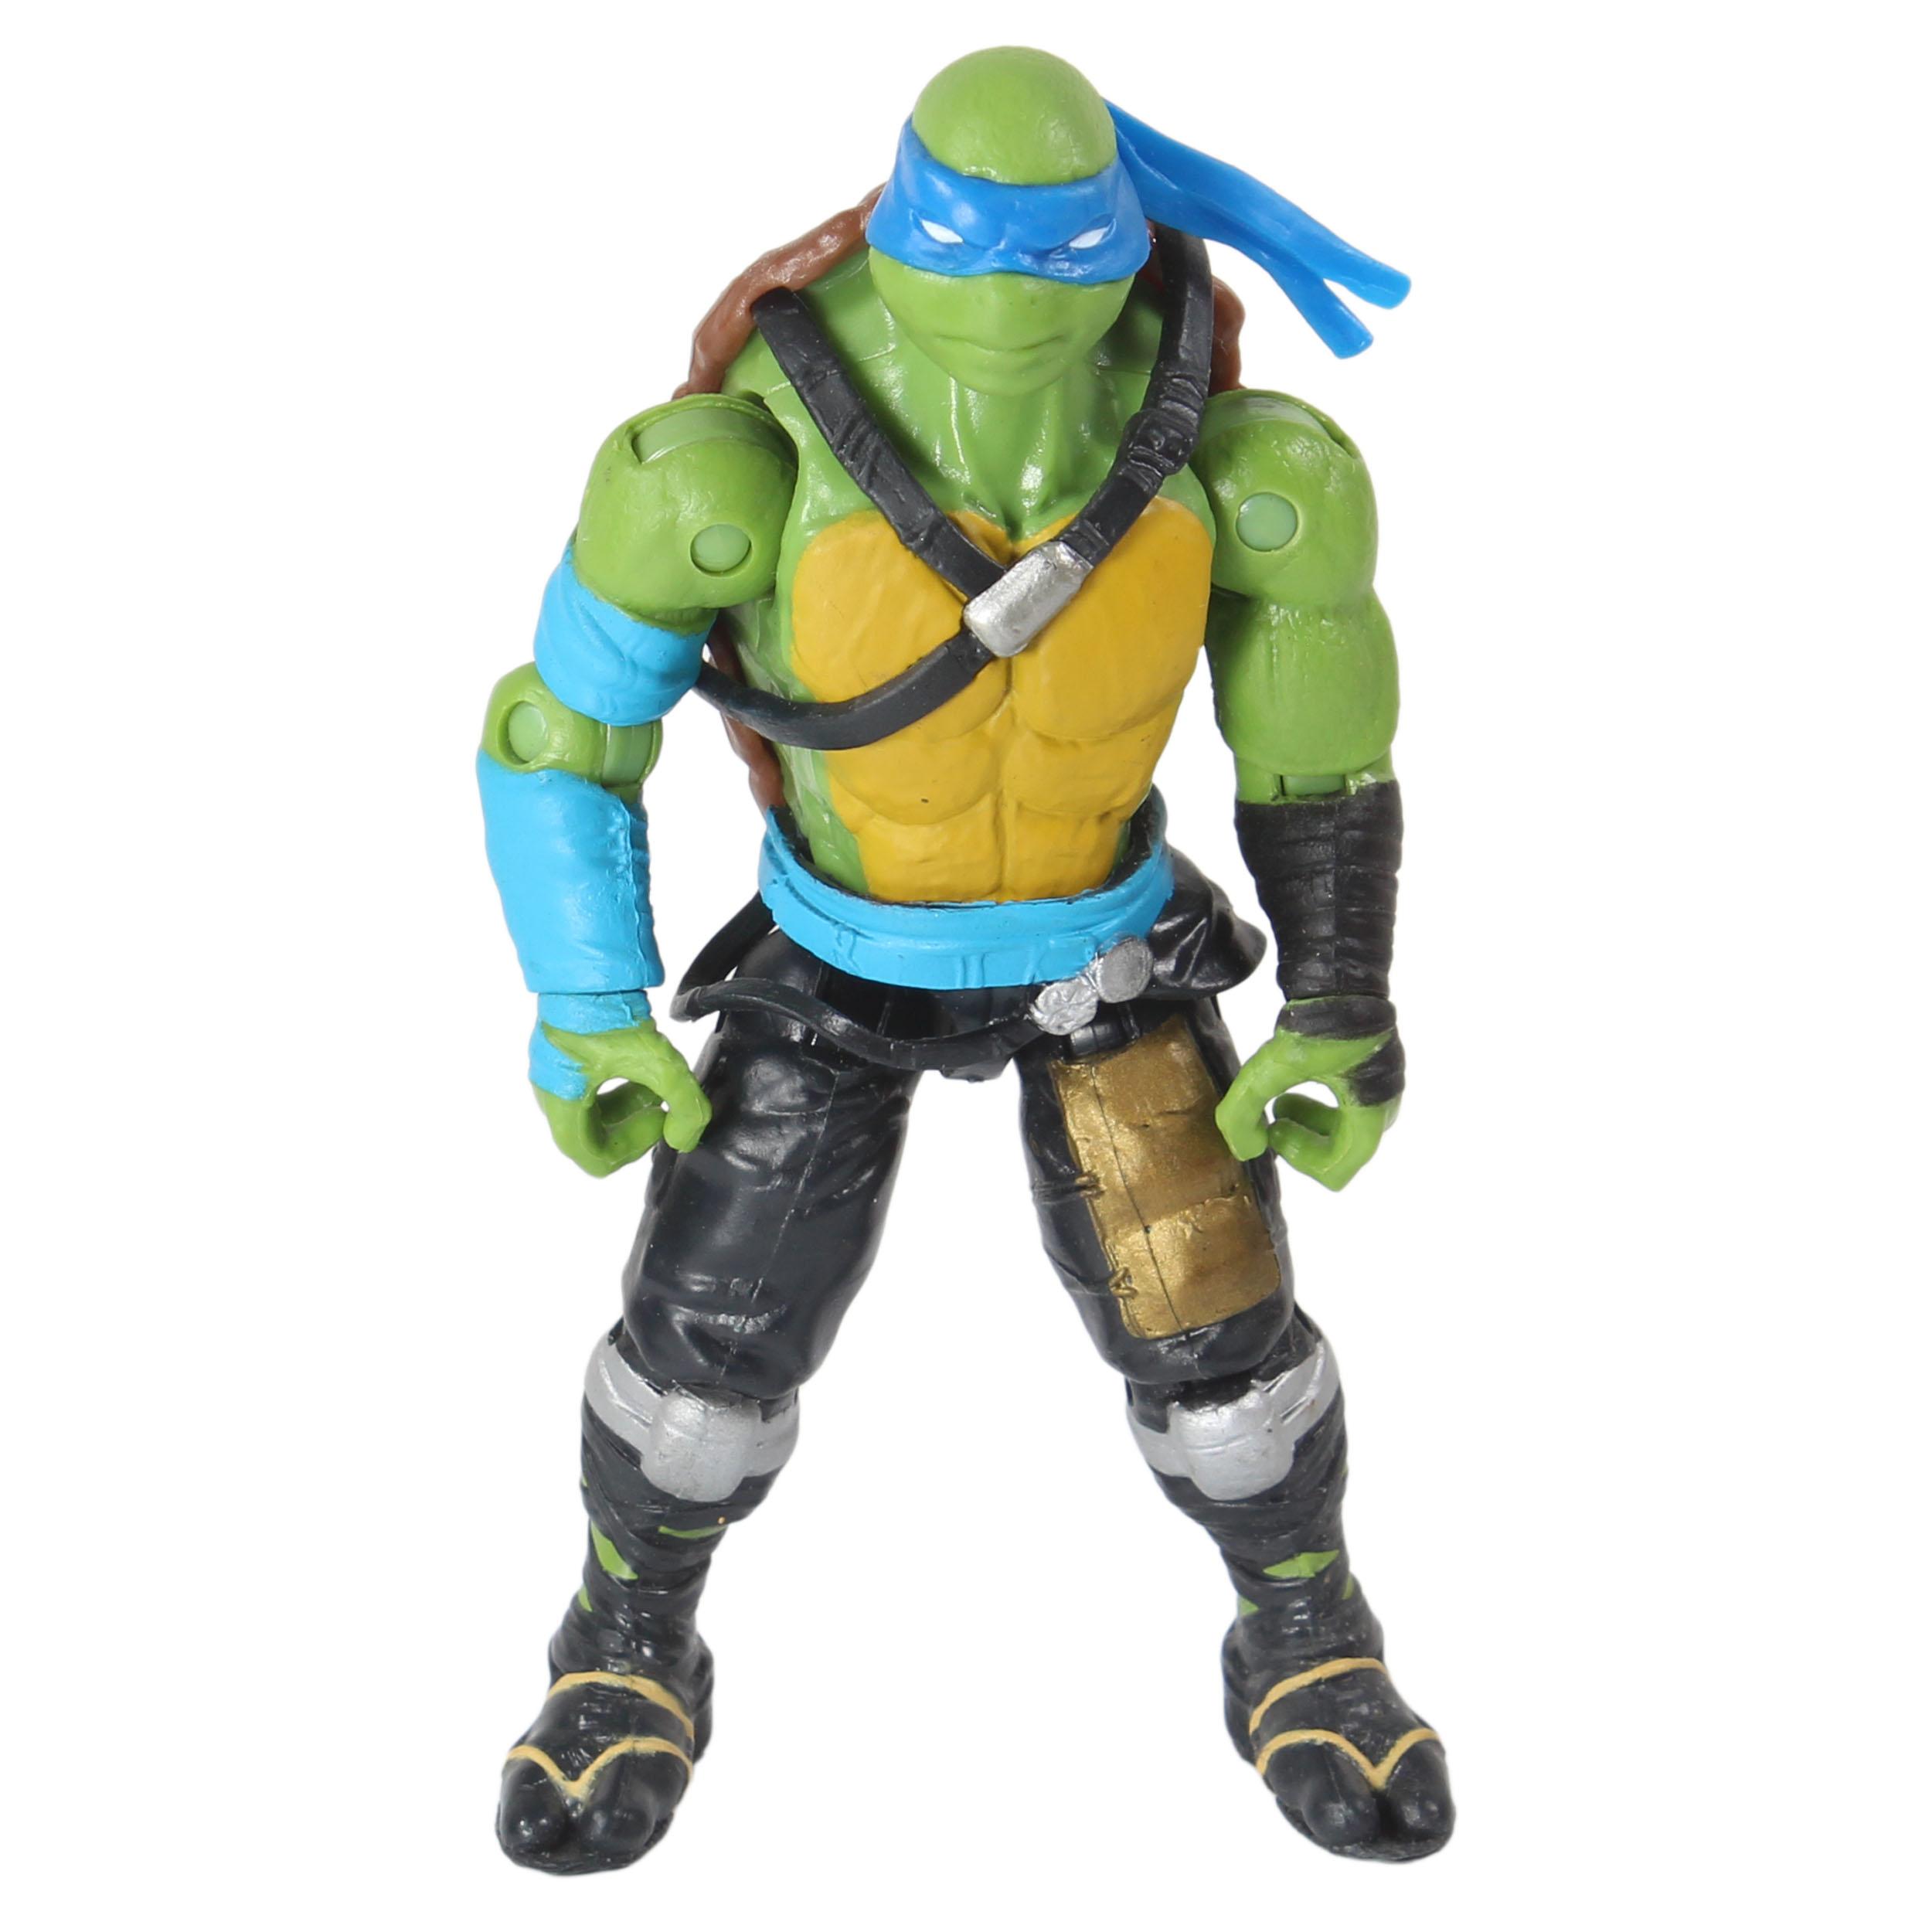 اکشن فیگور پلی میتس طرح لاکپشت های نینجا کد 0055